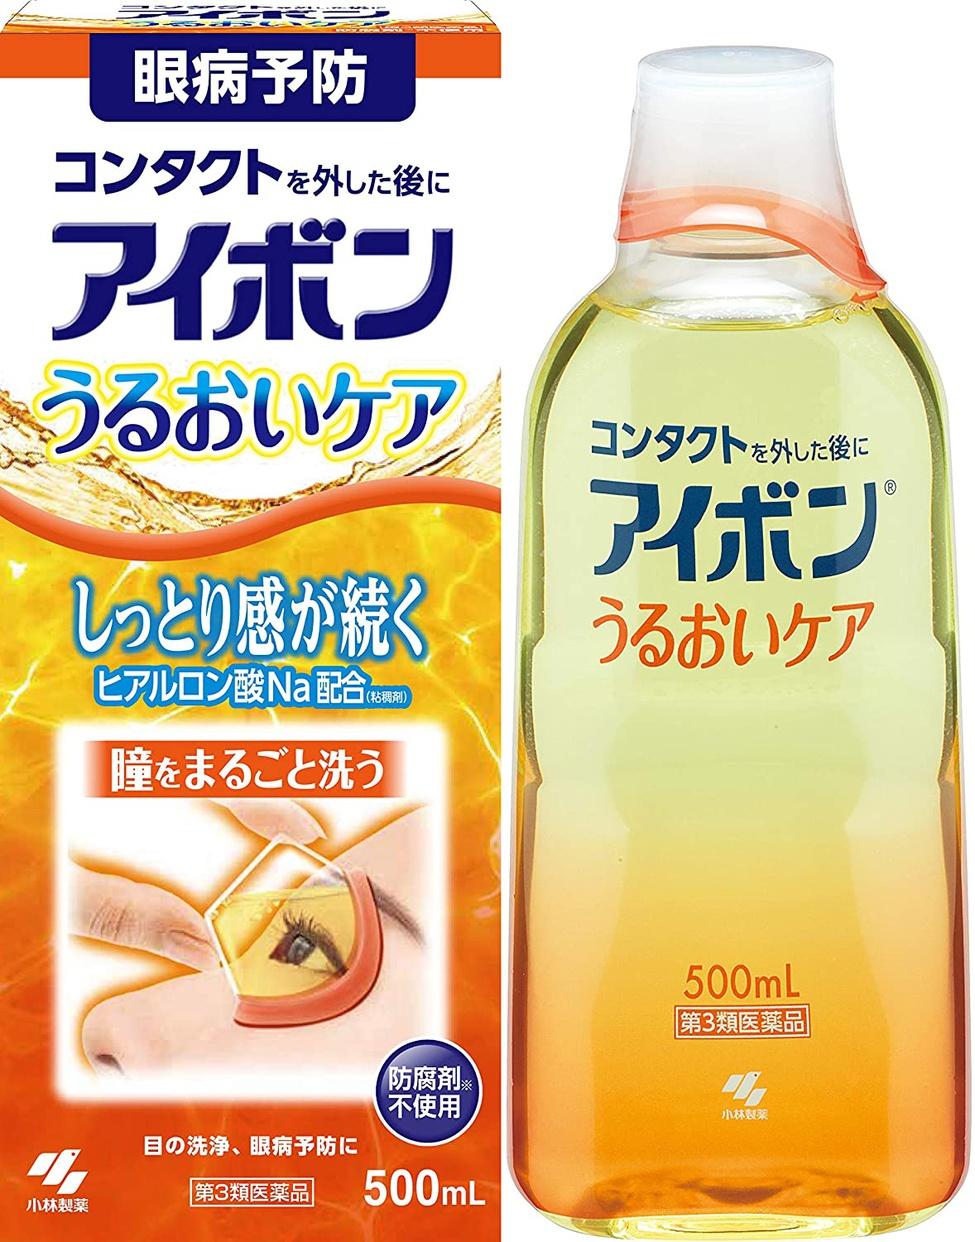 アイボン うるおいケアの商品画像